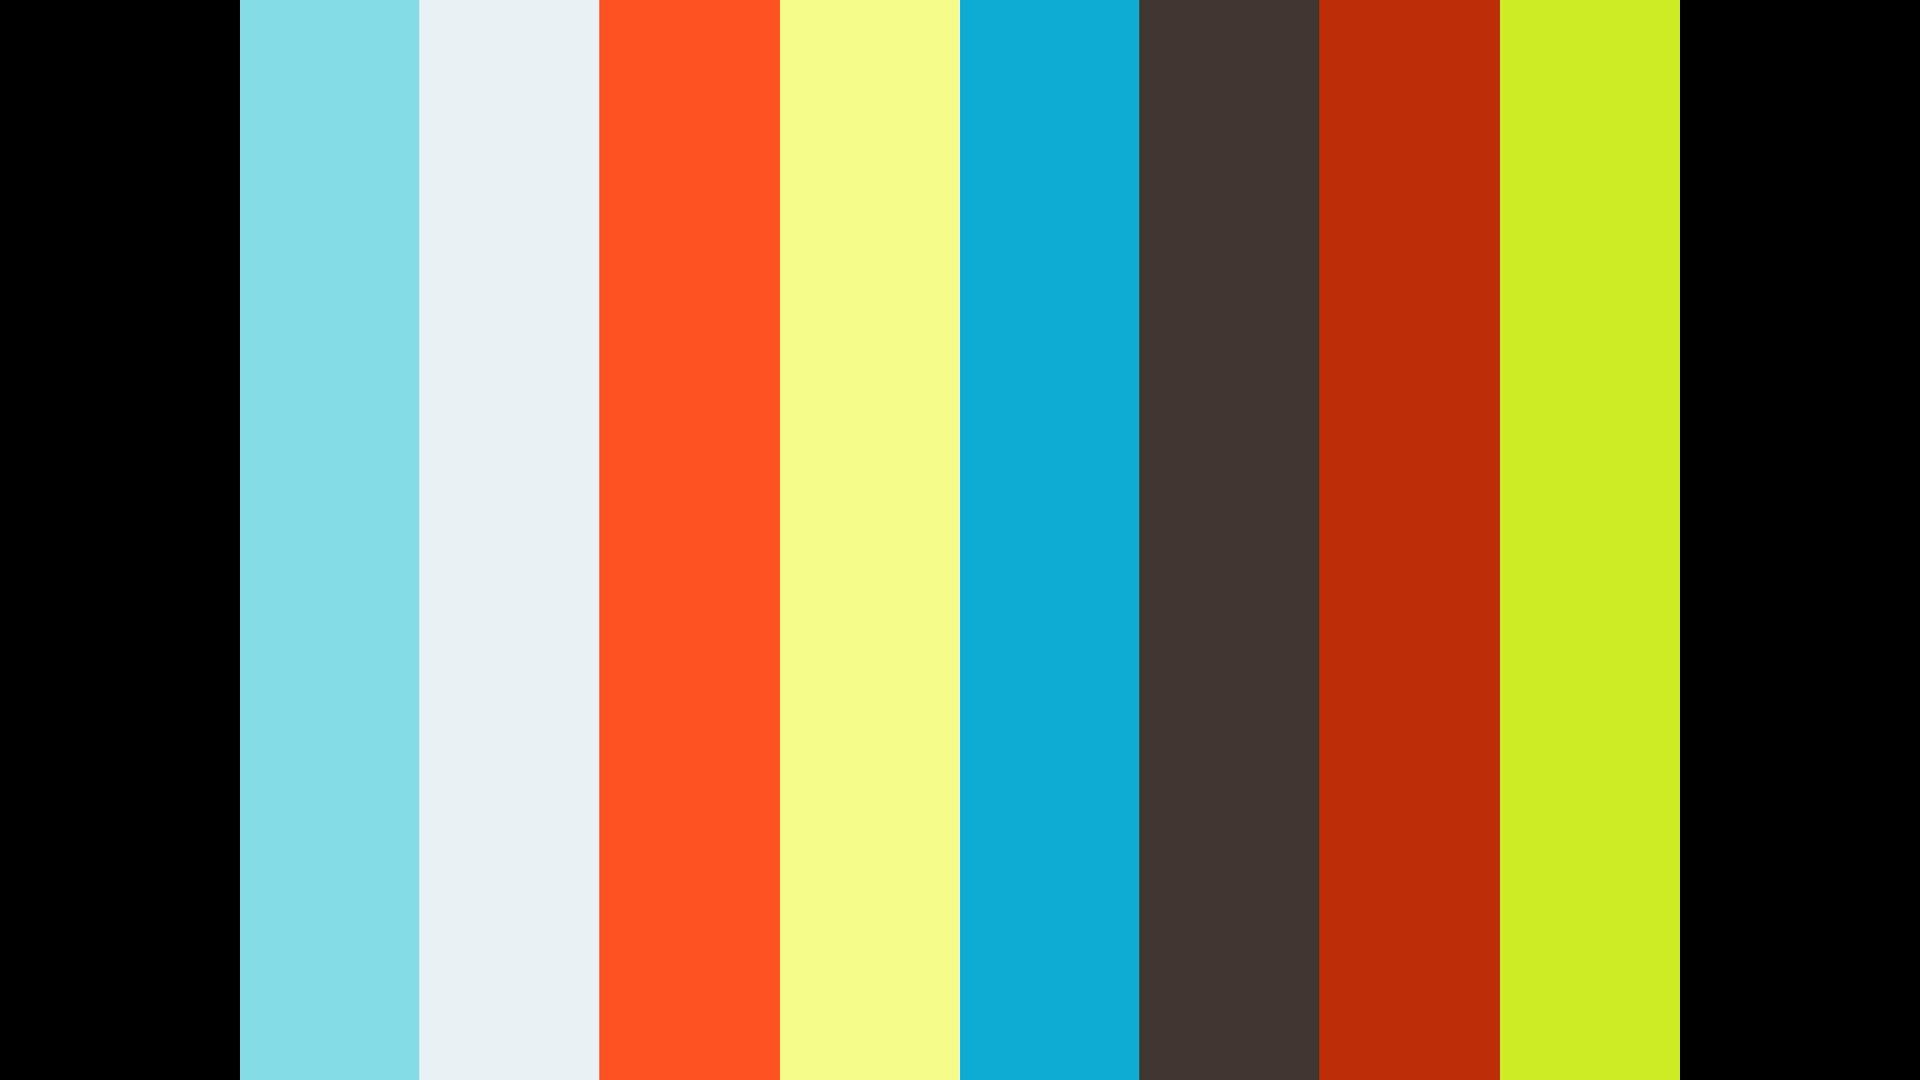 Nicky Hoyland - What does discrimination feel like?  - Nicky Hoyland